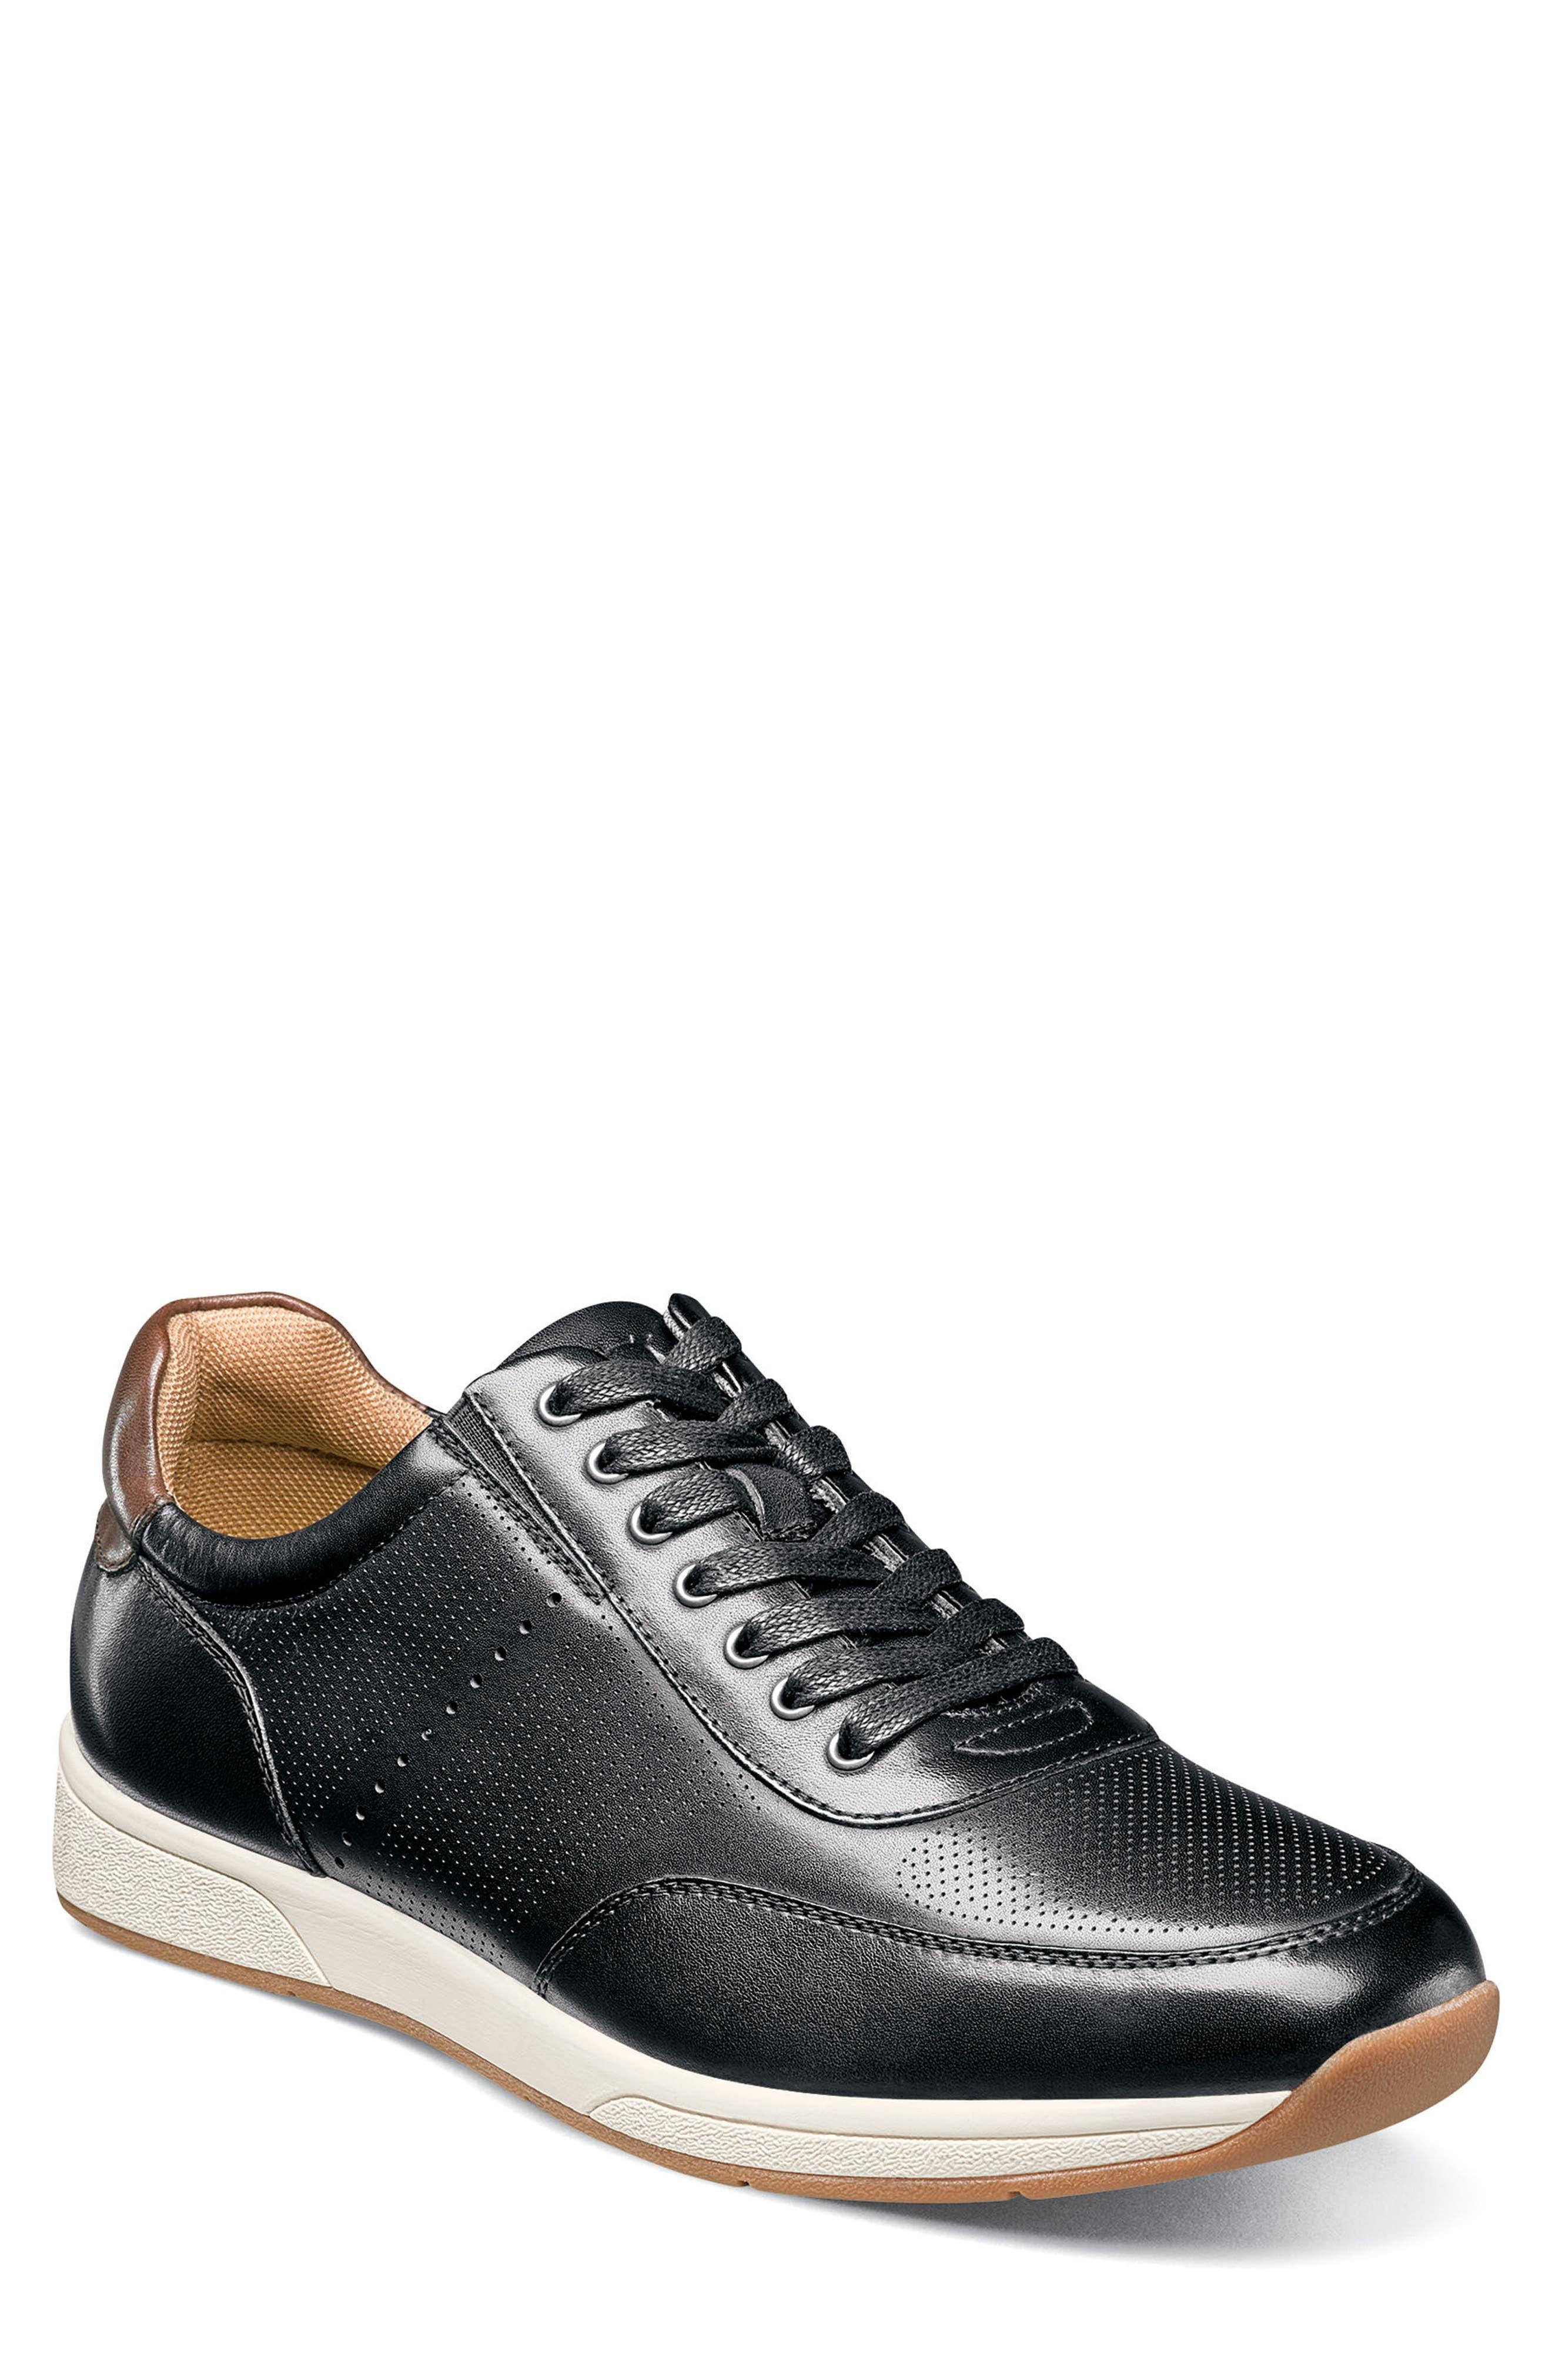 Fusion Sneaker,                         Main,                         color,